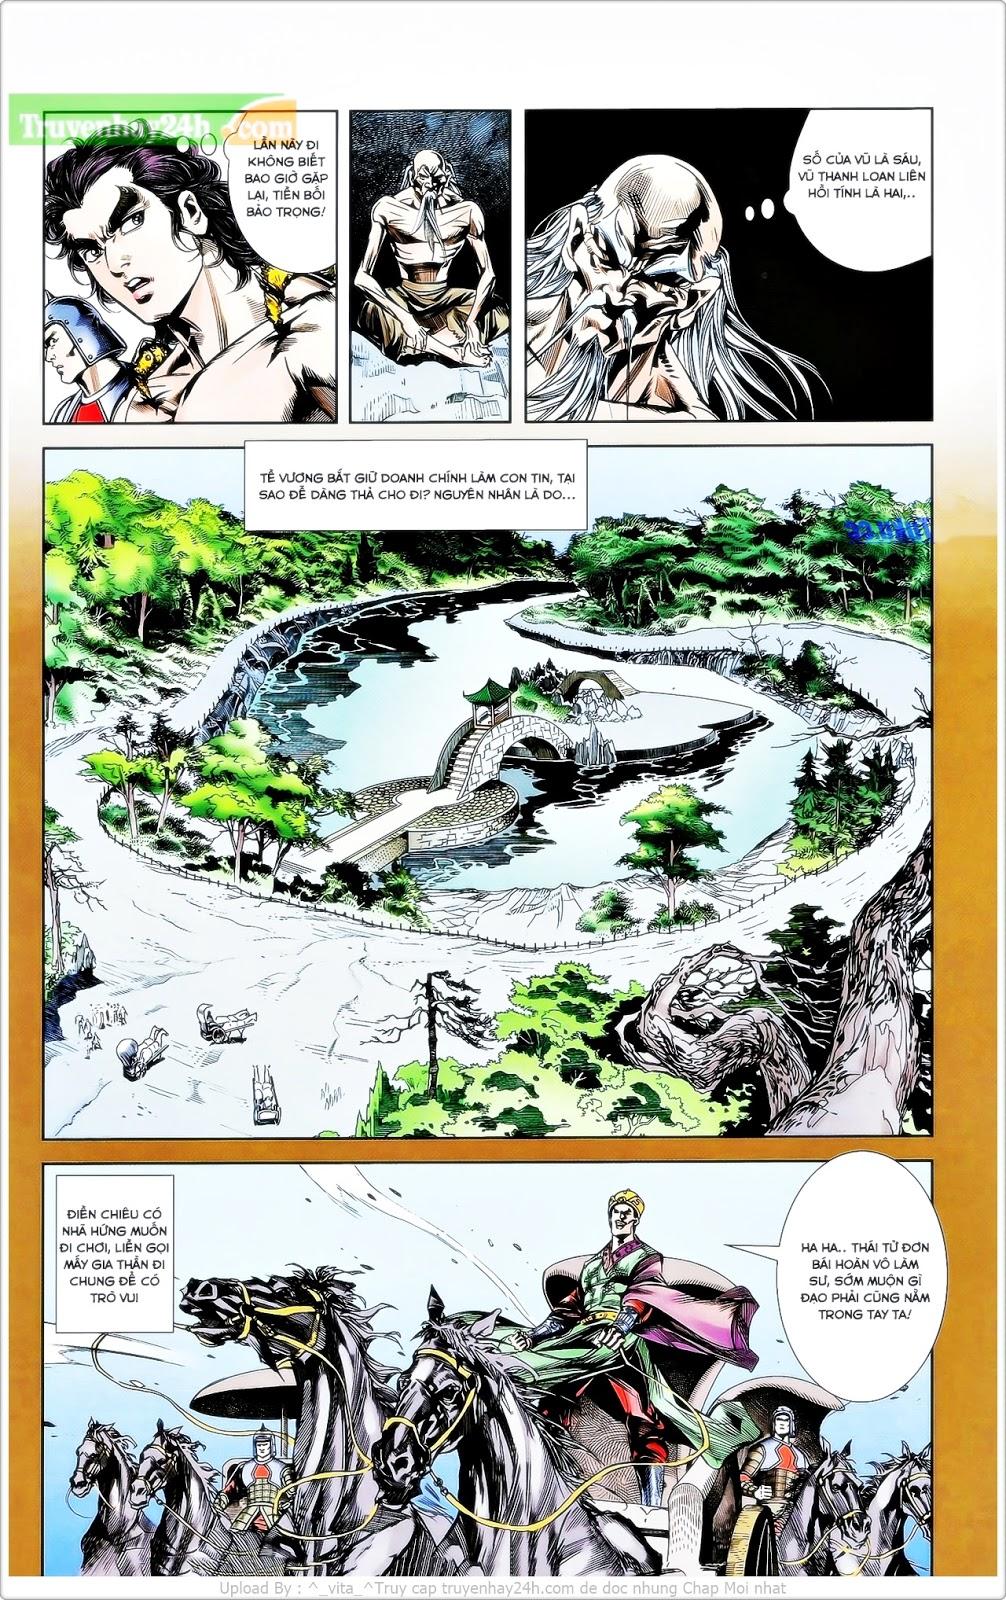 Tần Vương Doanh Chính chapter 26 trang 16